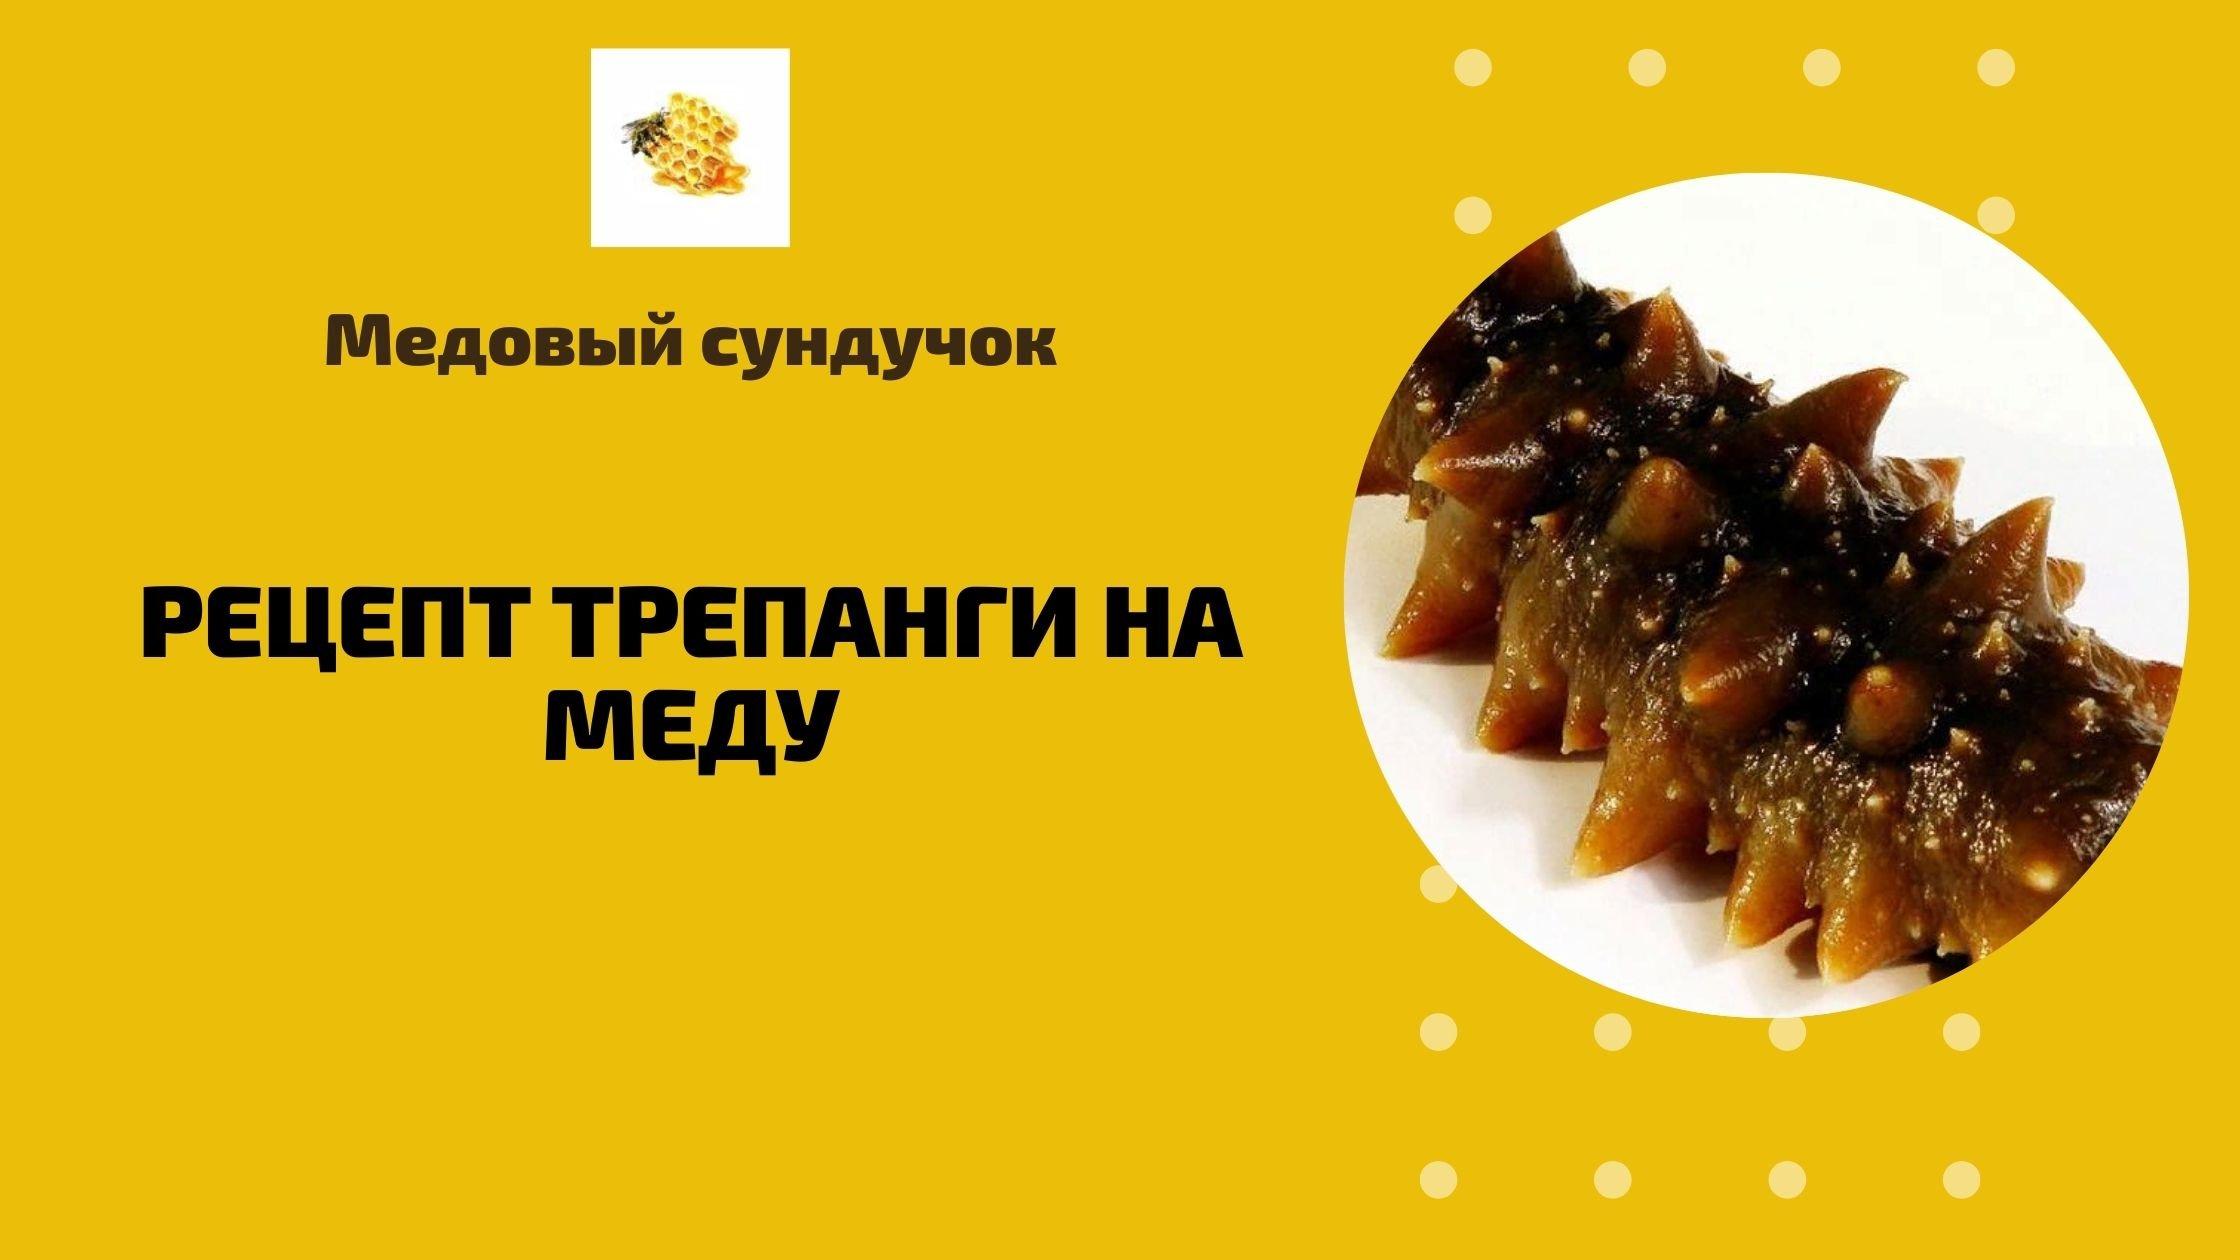 Рецепт трепанги на меду